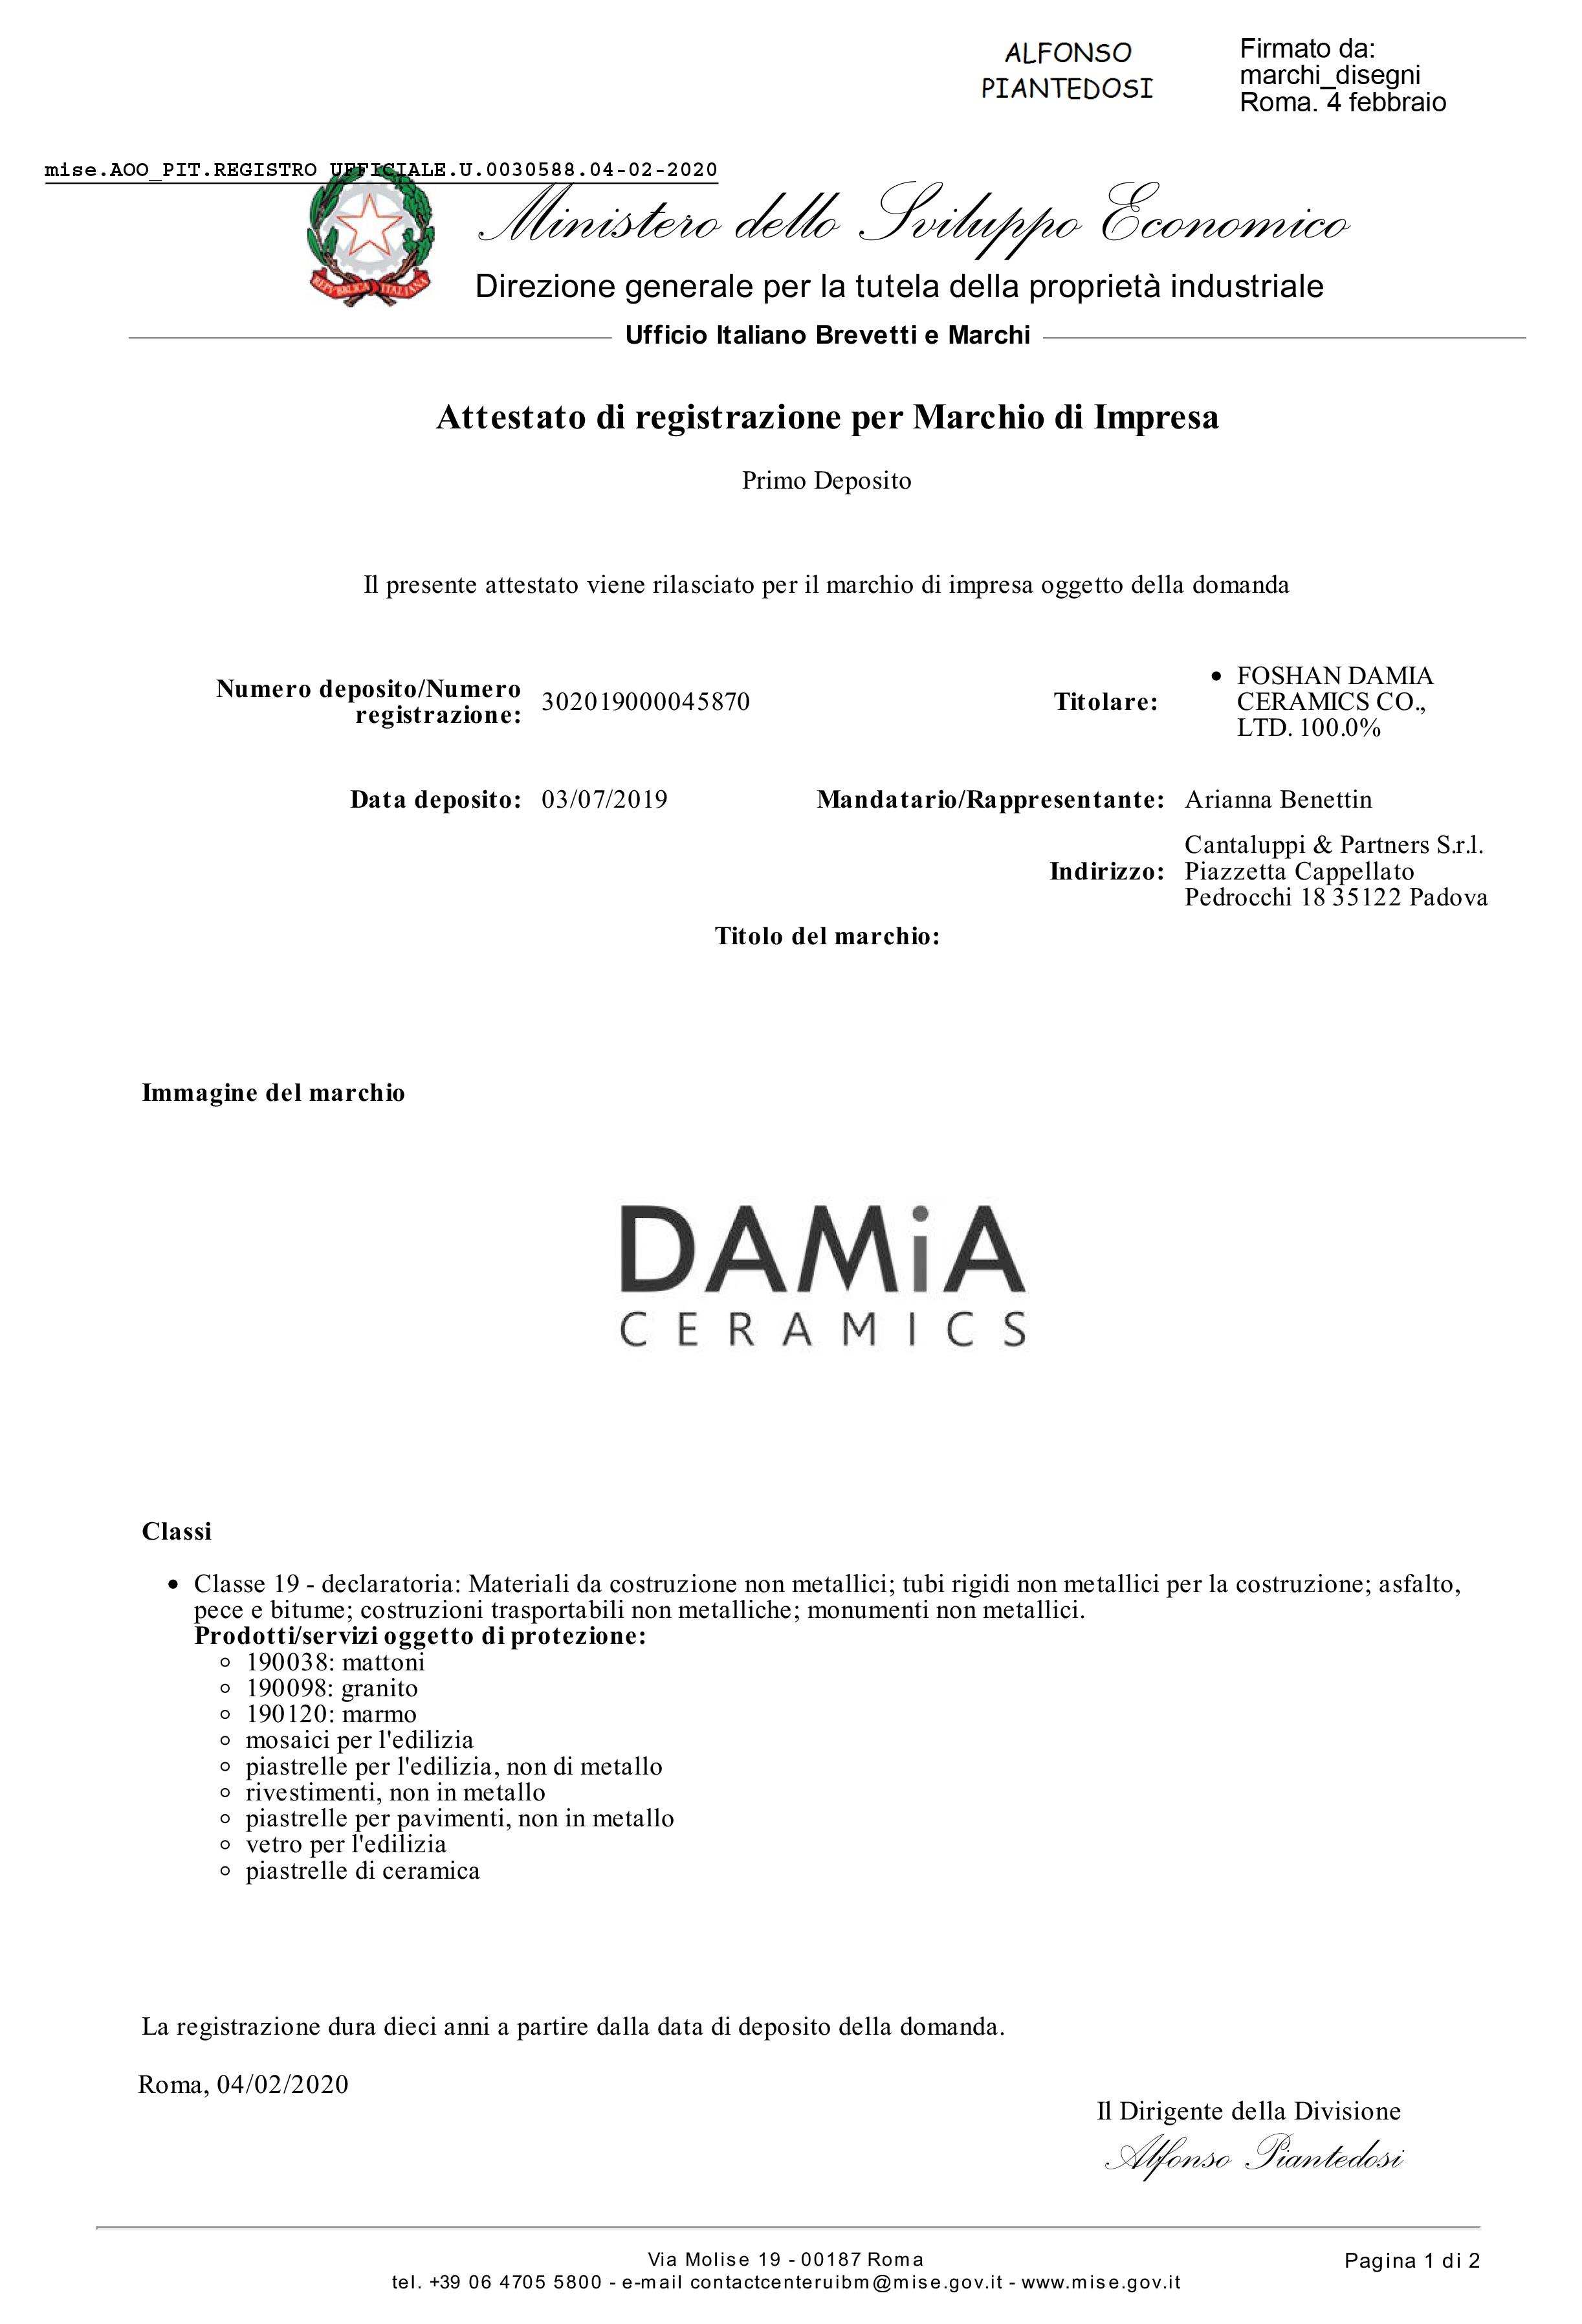 达米雅意大利品牌商标注册